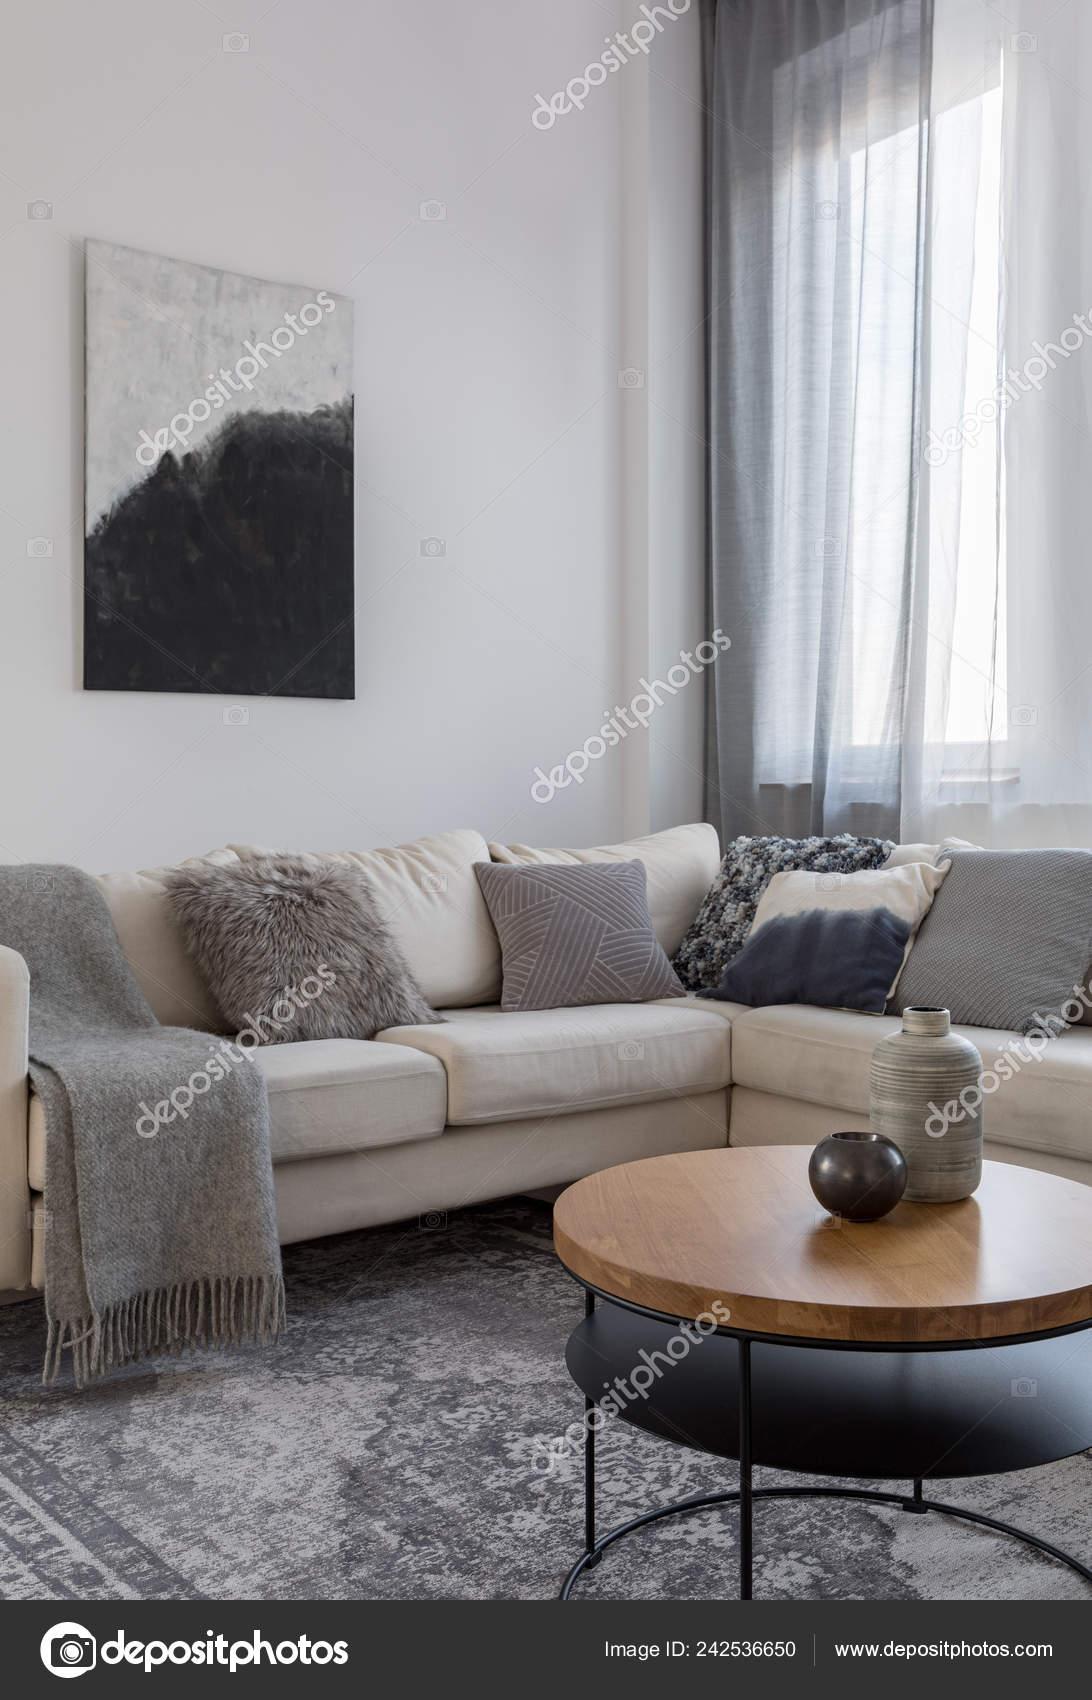 Abstraktes Schwarz Weiß Bild Oben Ecksofa Wohnzimmer Grau ...